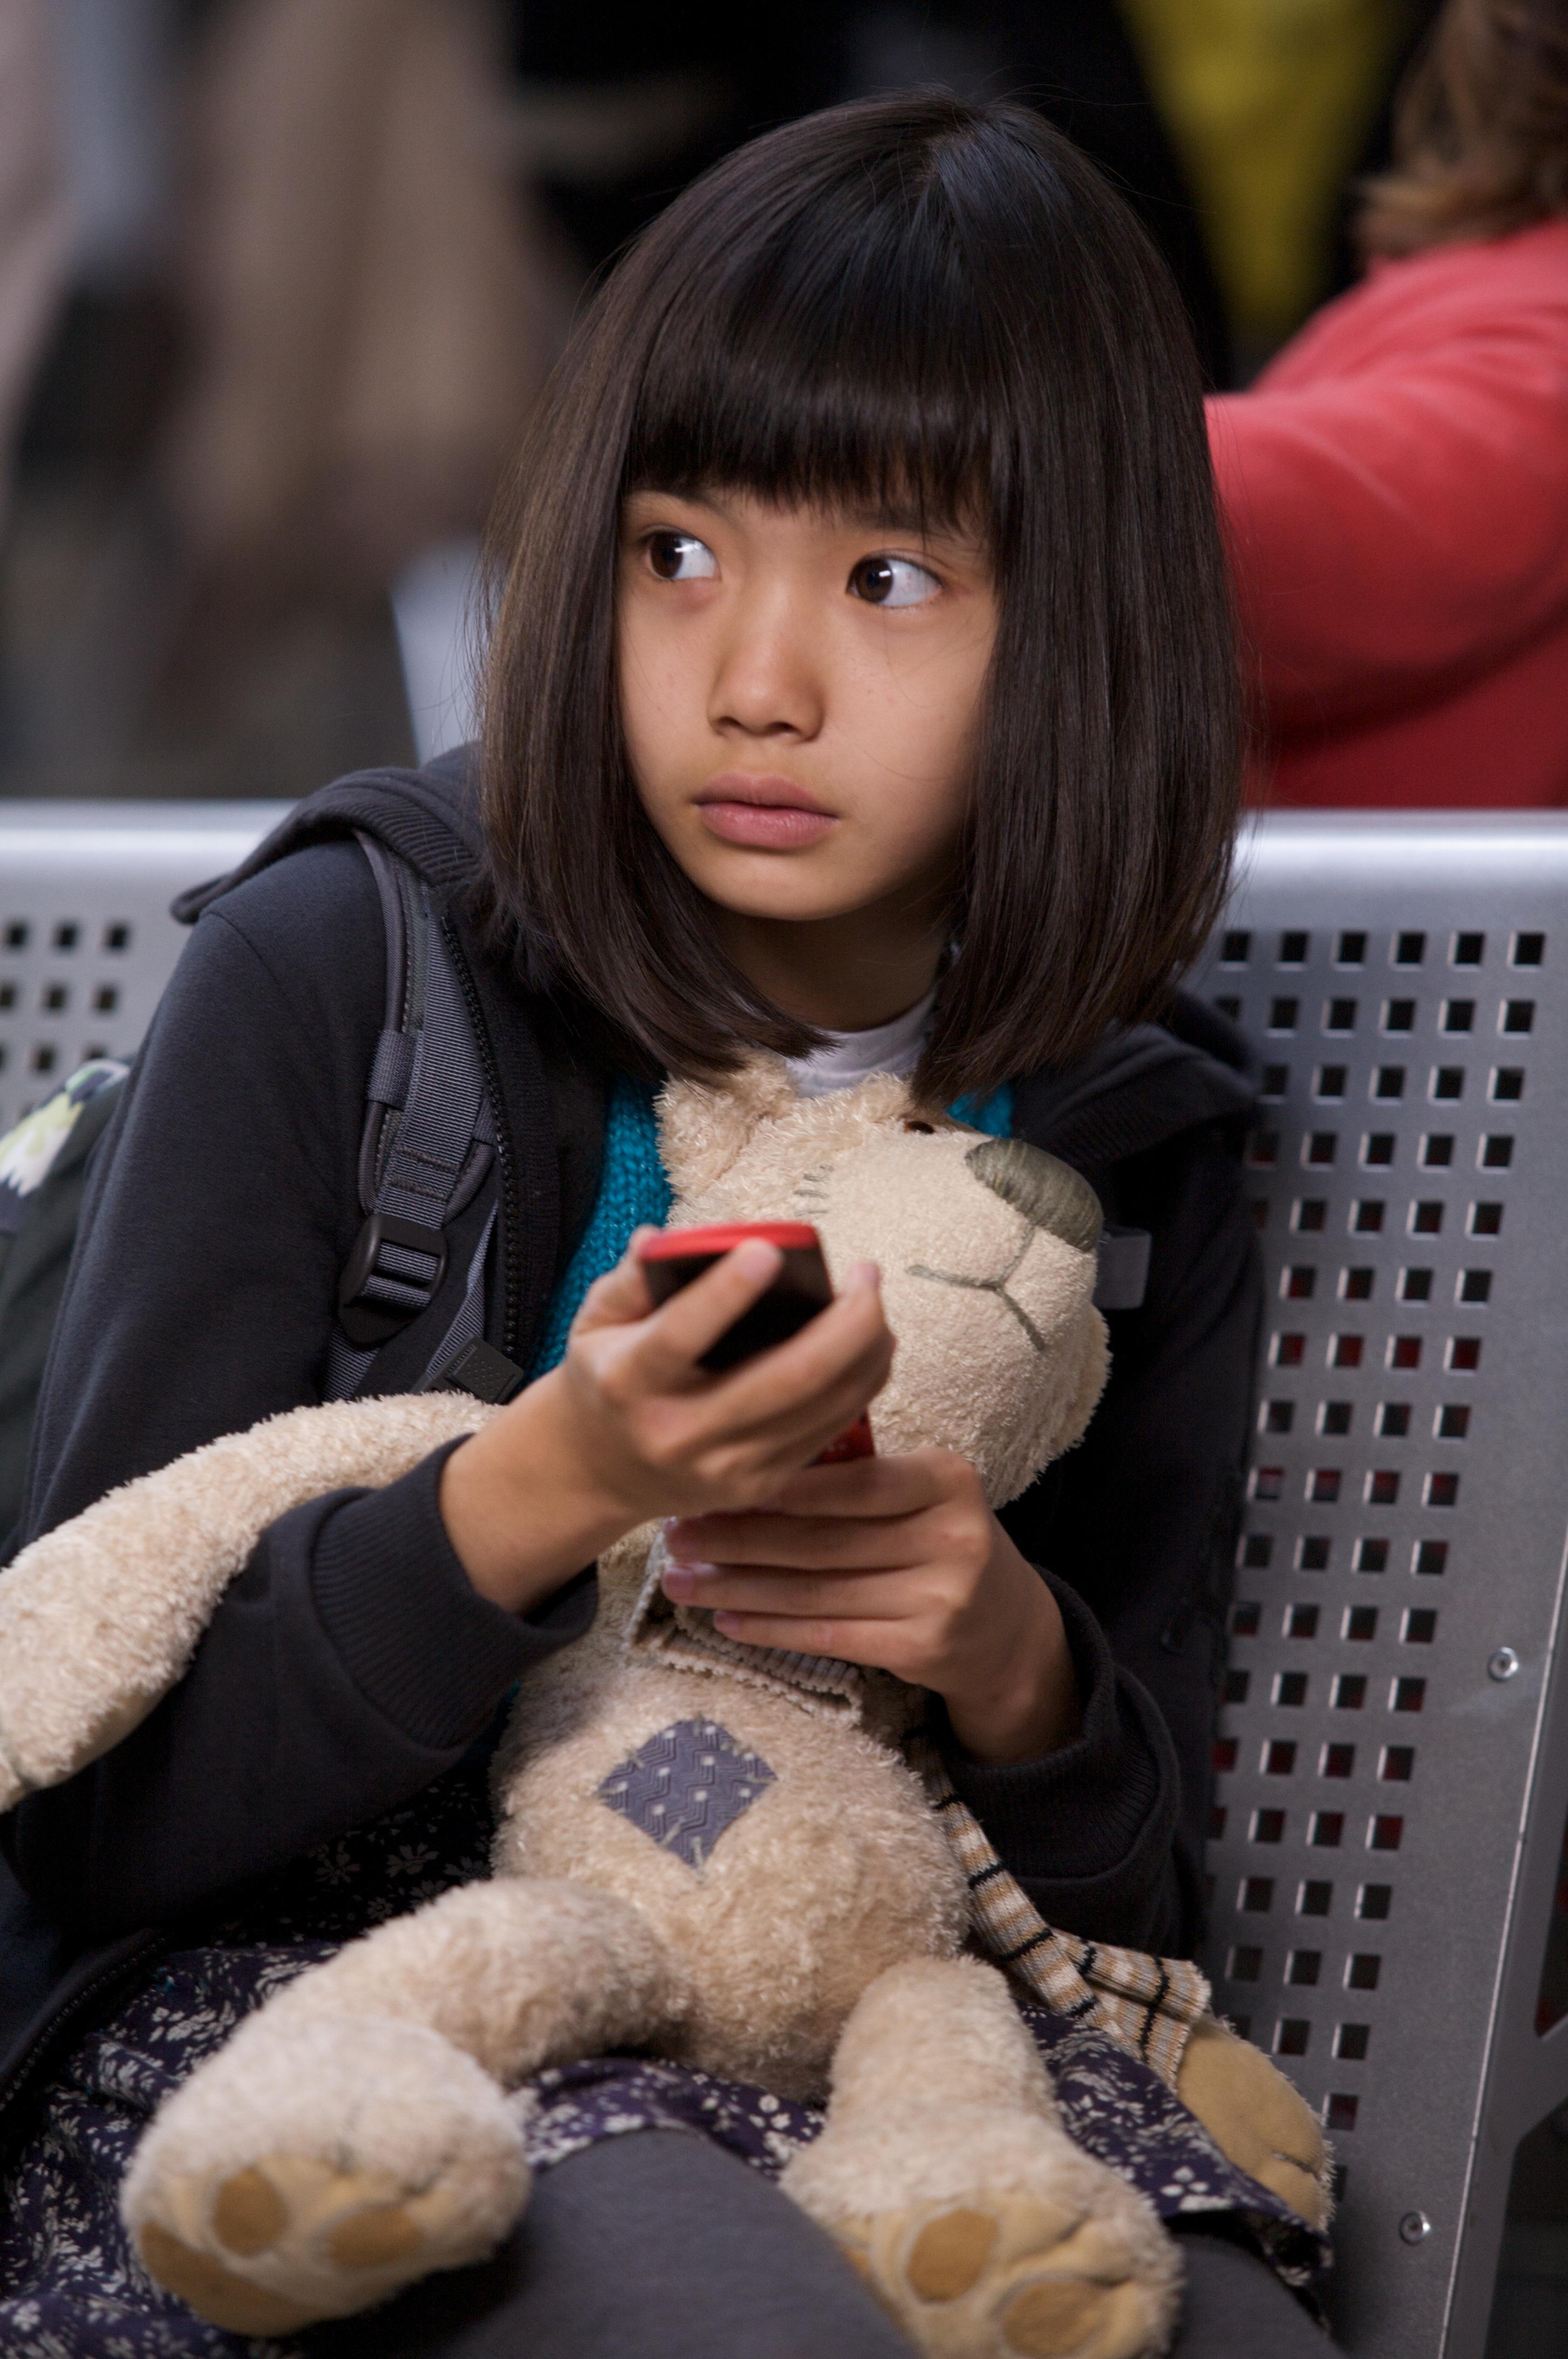 кадры из фильма Дочь якудзы Чика Аракава,